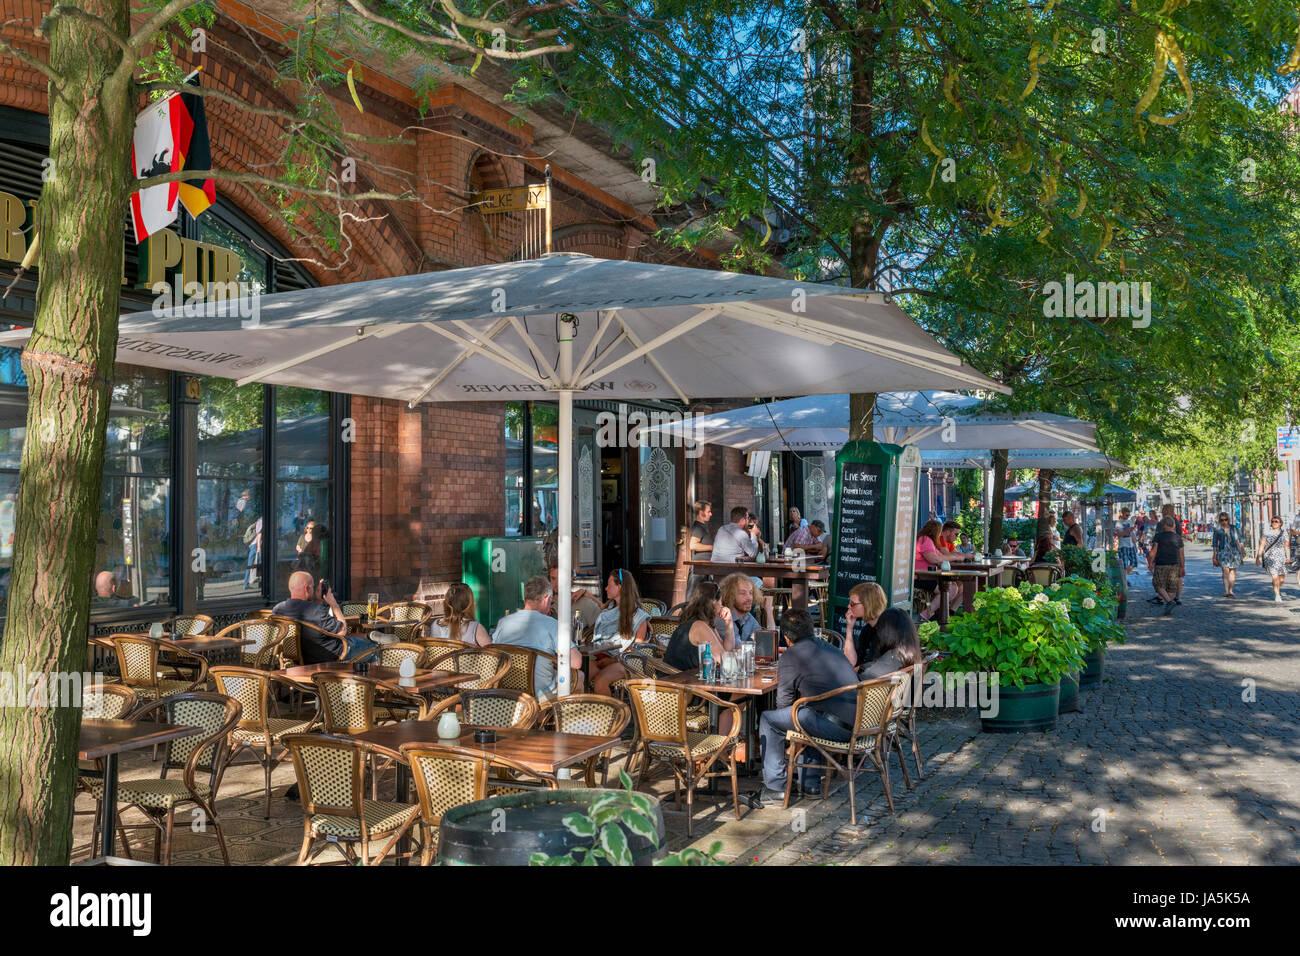 Irish pub at Hackescher Markt, Mitte district, Berlin, Germany - Stock Image